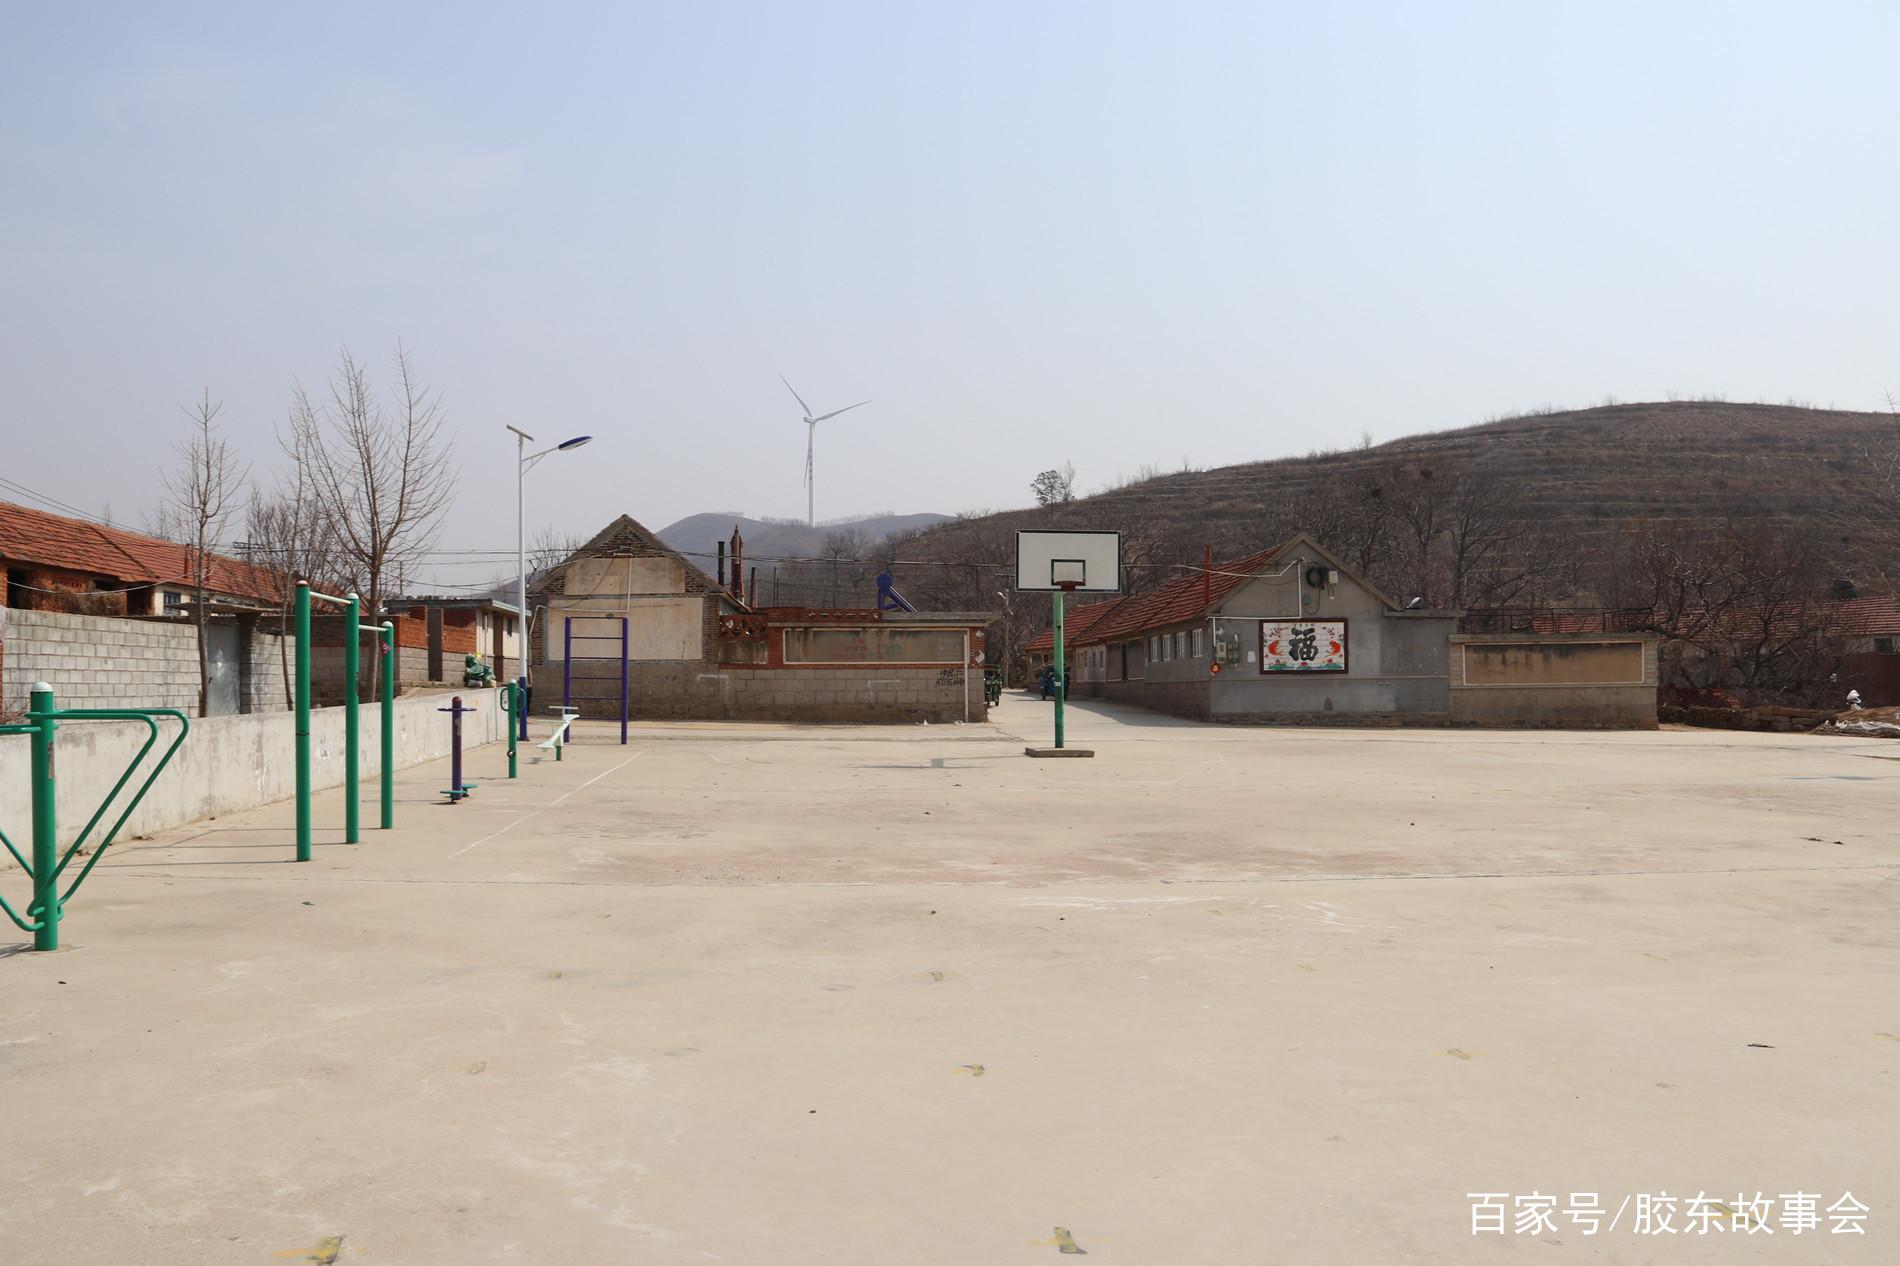 """组图:海阳市小纪镇山水夼村的实景,有山有水就是""""夼"""""""